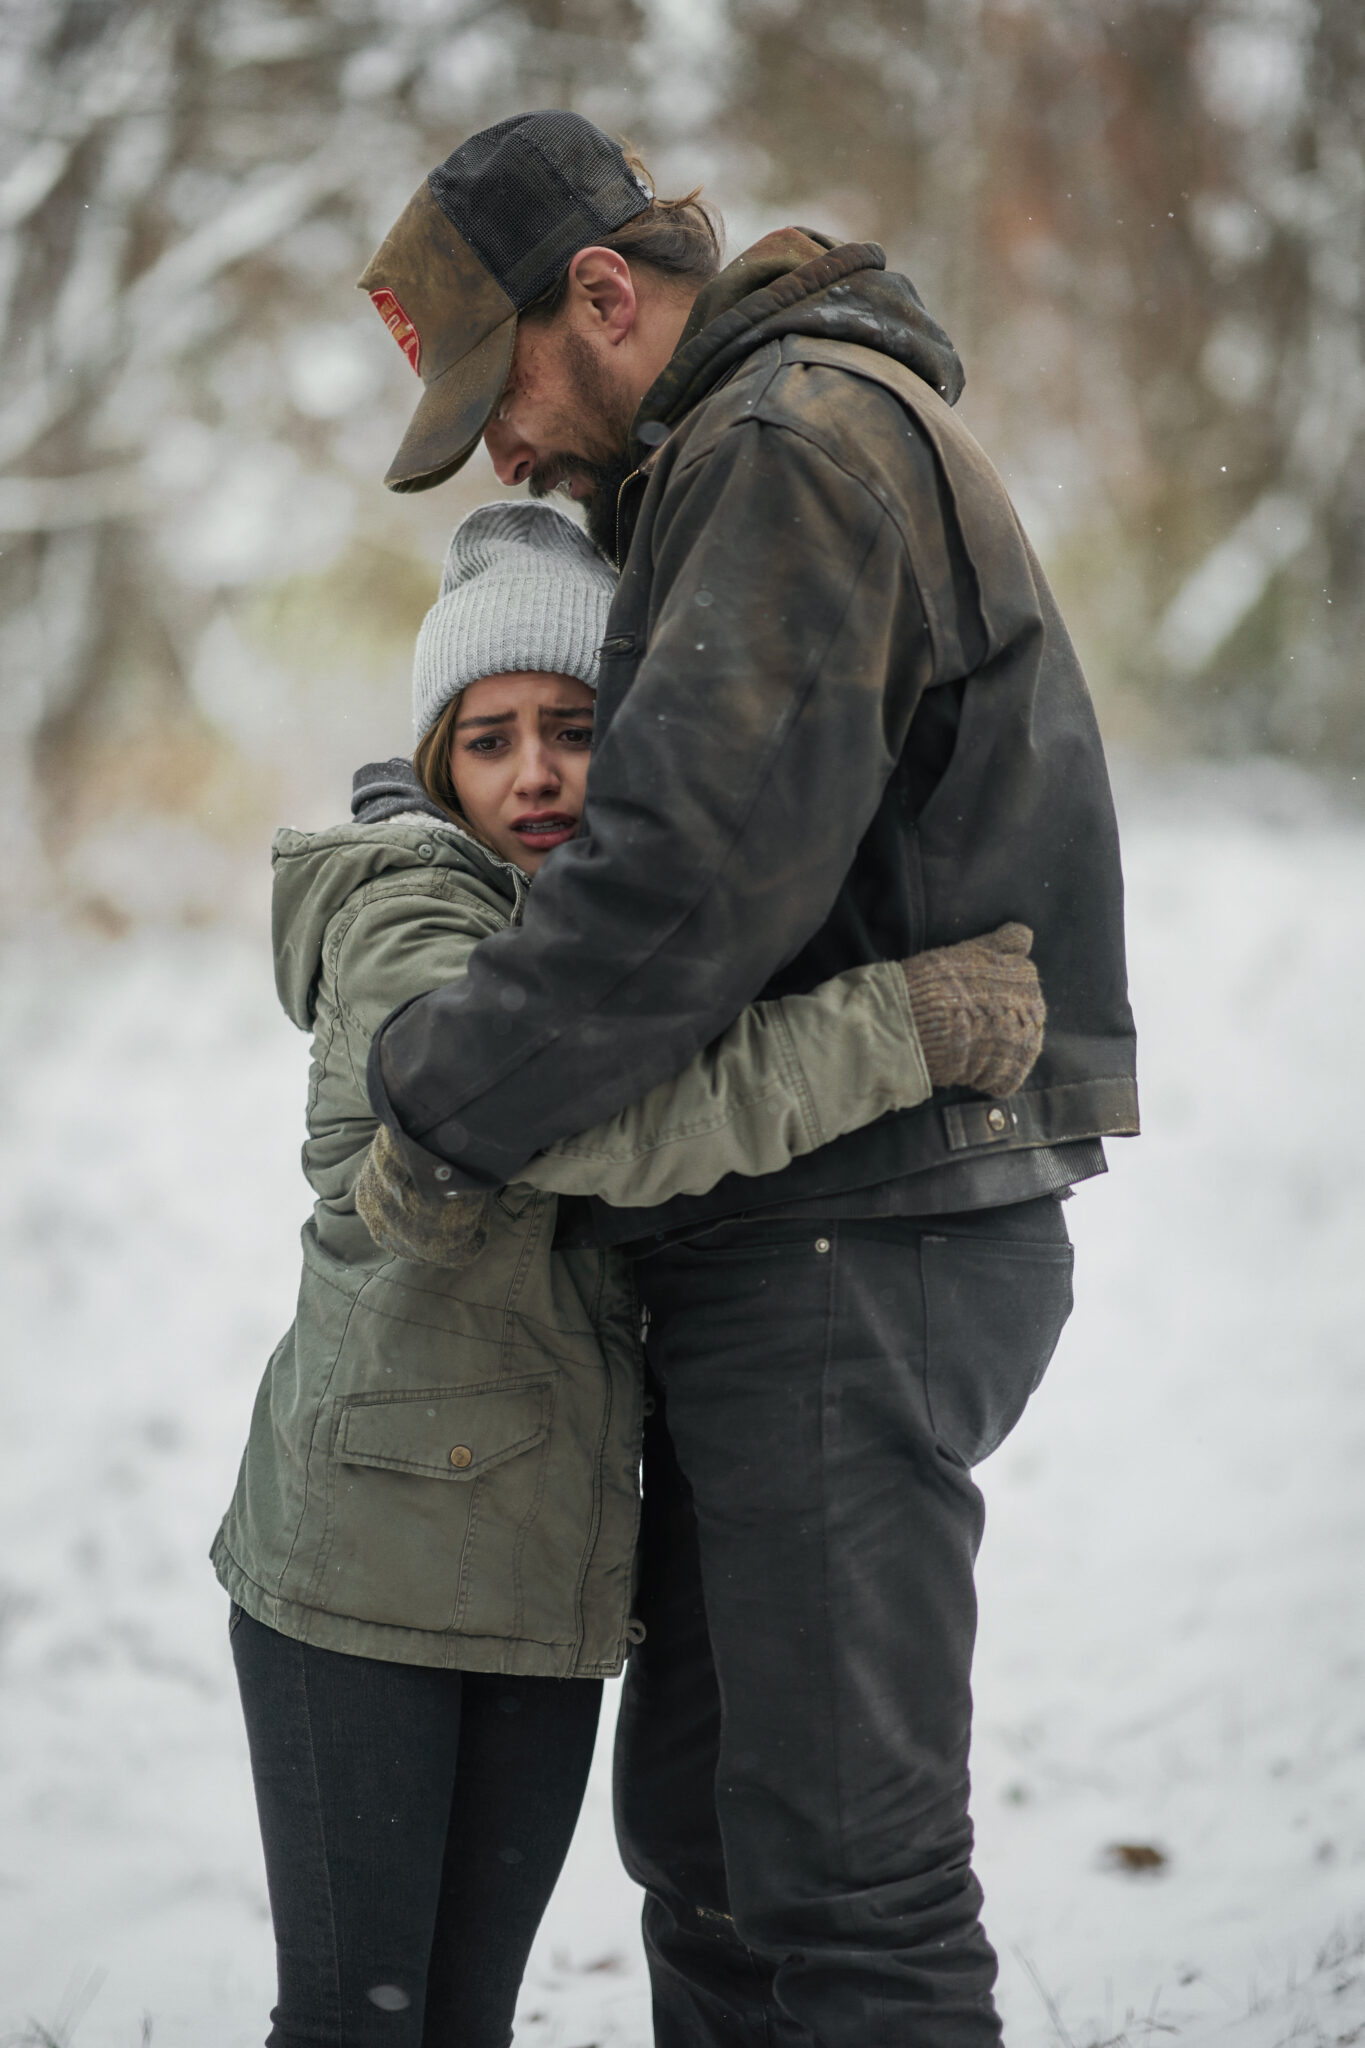 Rachel und Ray Cooper umarmen sich auf einer zugeschneiten Wiese. Er trägt eine schmutzige Lederjacke, dunkle Hosen und eine Trucker-Cap, sie ebenfalls dunkle Hosen, eine Olive Jacke und eine graue Mütze.